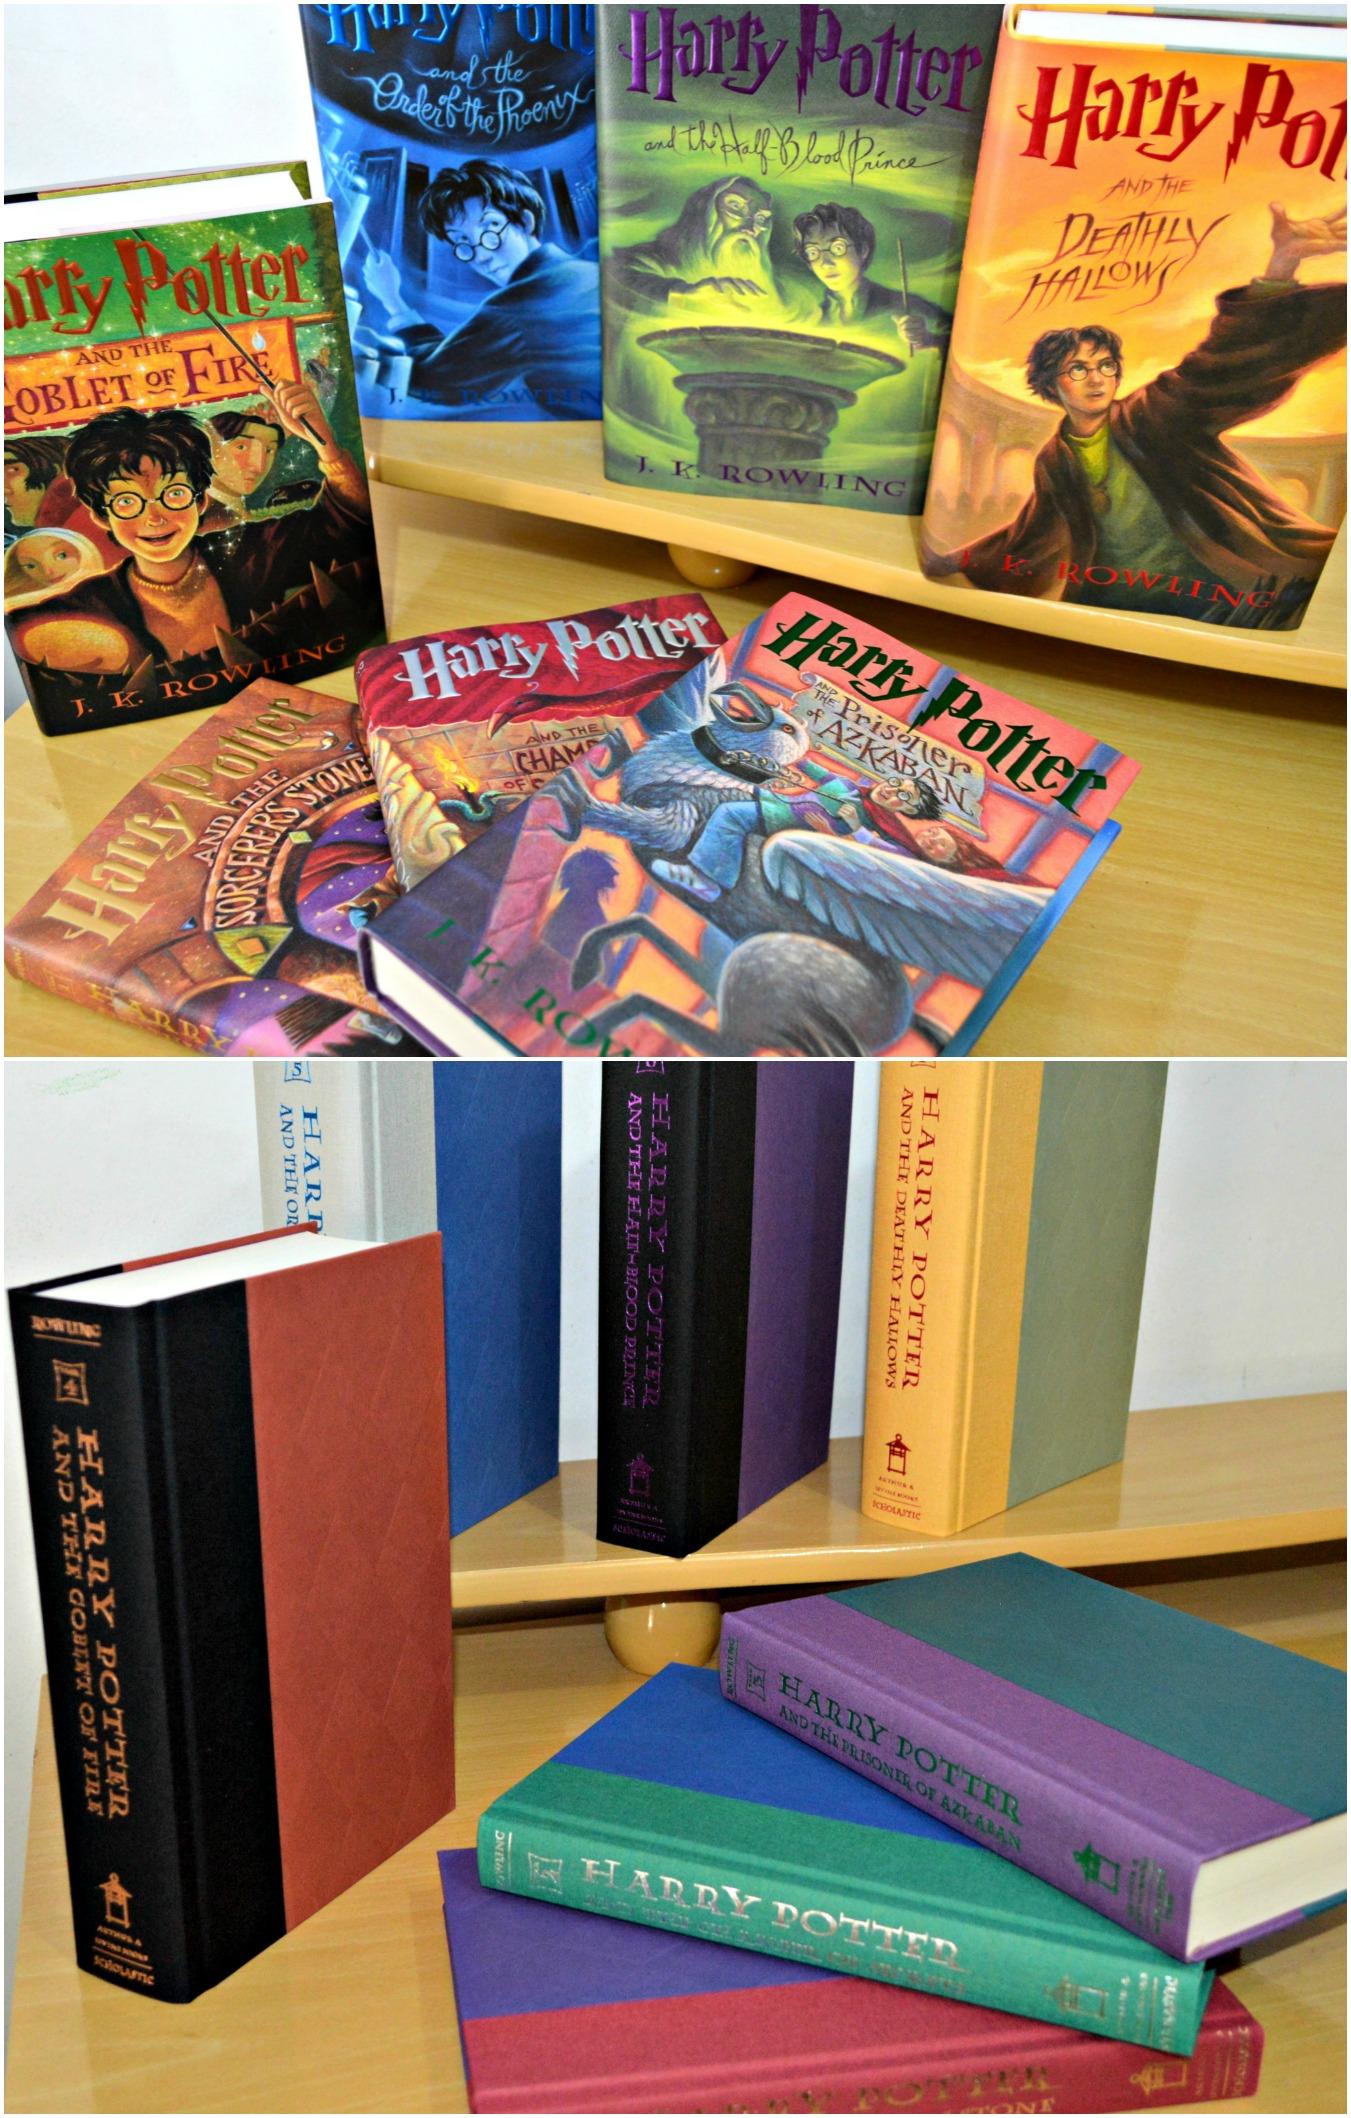 especial colecoes de harry potter minha vida literaria especial colecoes de harry potter